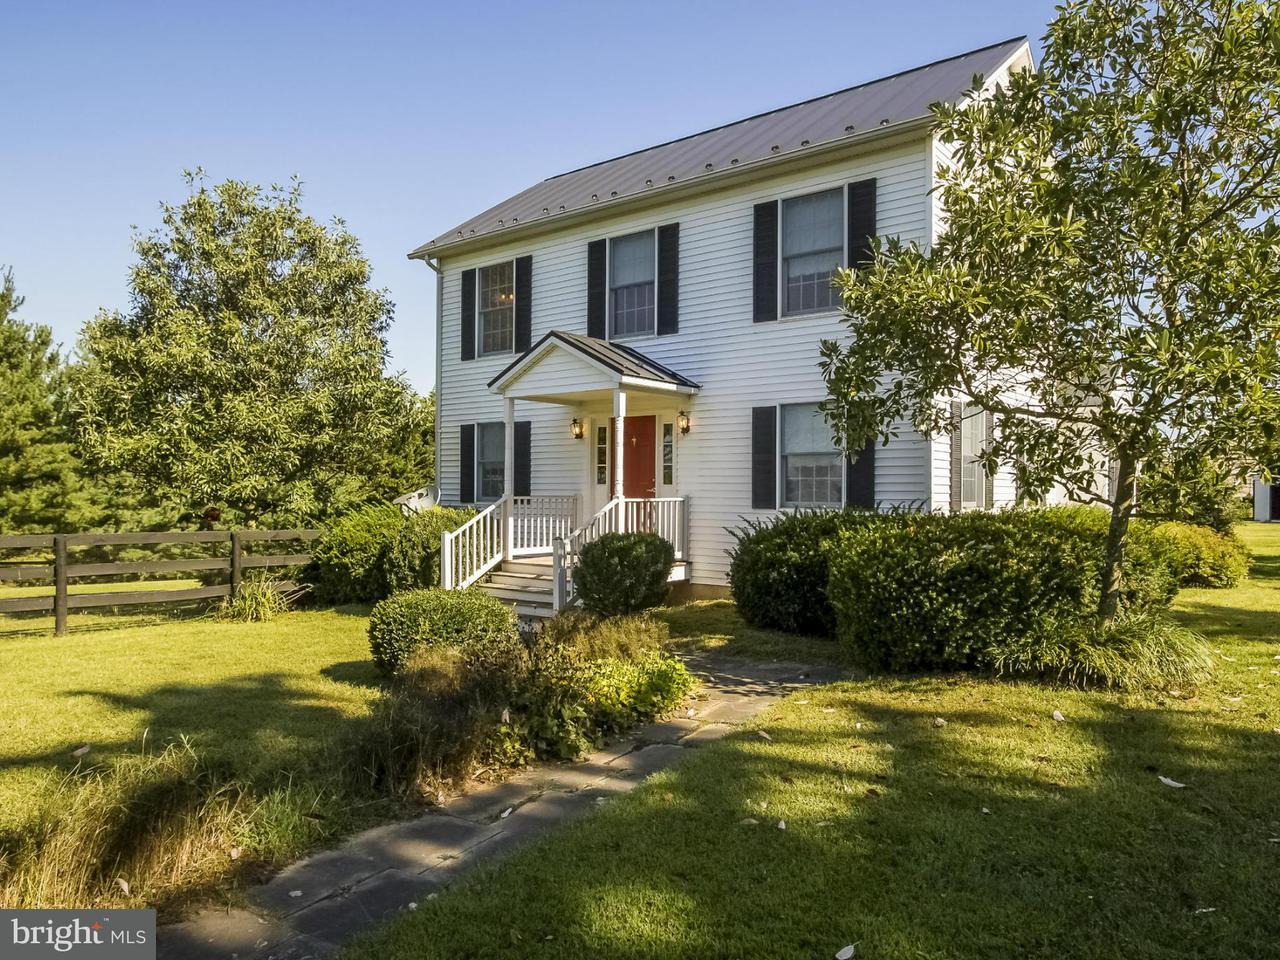 农场 为 销售 在 1070 BERRYS FERRY Road 1070 BERRYS FERRY Road White Post, 弗吉尼亚州 22663 美国